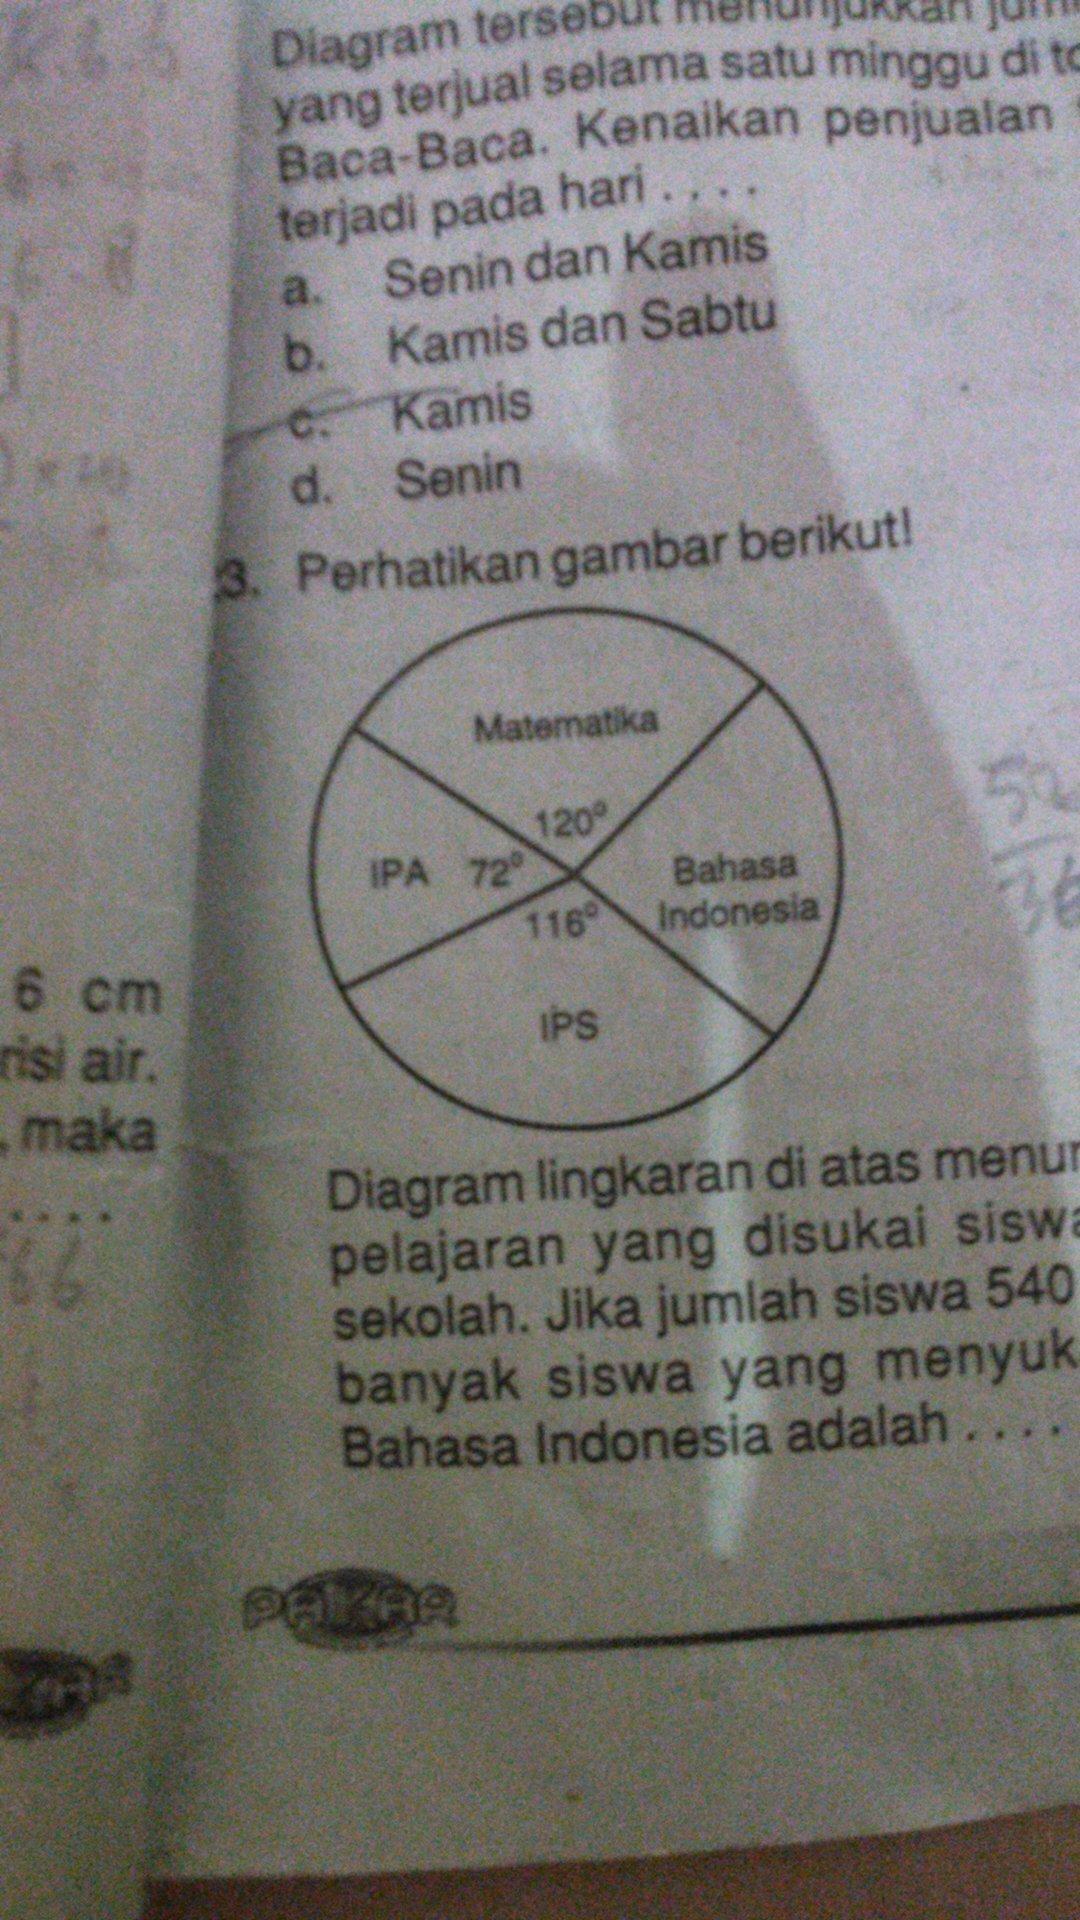 Diagram lingkaran diatas menunjukan mata pelajaran yang disukai diagram lingkaran diatas menunjukan mata pelajaran yang disukai siswa di sebuah sekolah jika jumlah siswa 540 orang maka banyak siswa yang menyukai ccuart Gallery